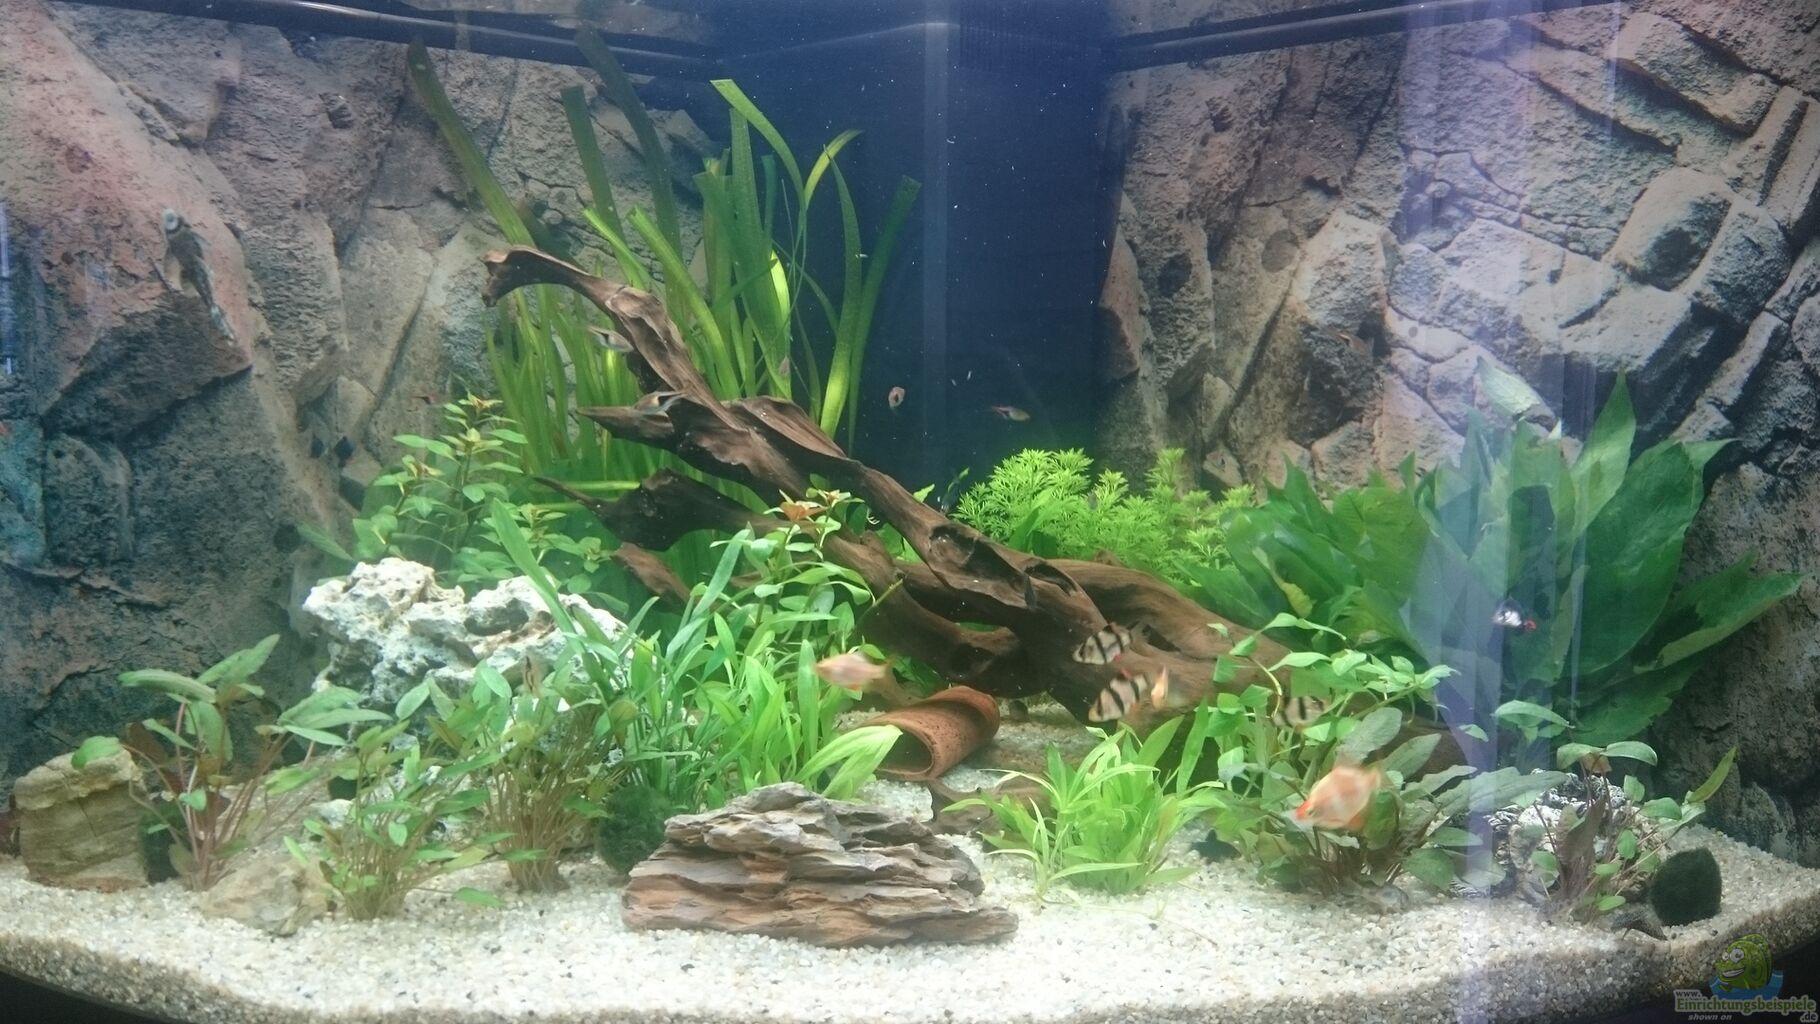 pflanzen im aquarium juwel trigon 350 wohnzimmer aus juwel trigon 350 wohnzimmer von chris de bird. Black Bedroom Furniture Sets. Home Design Ideas